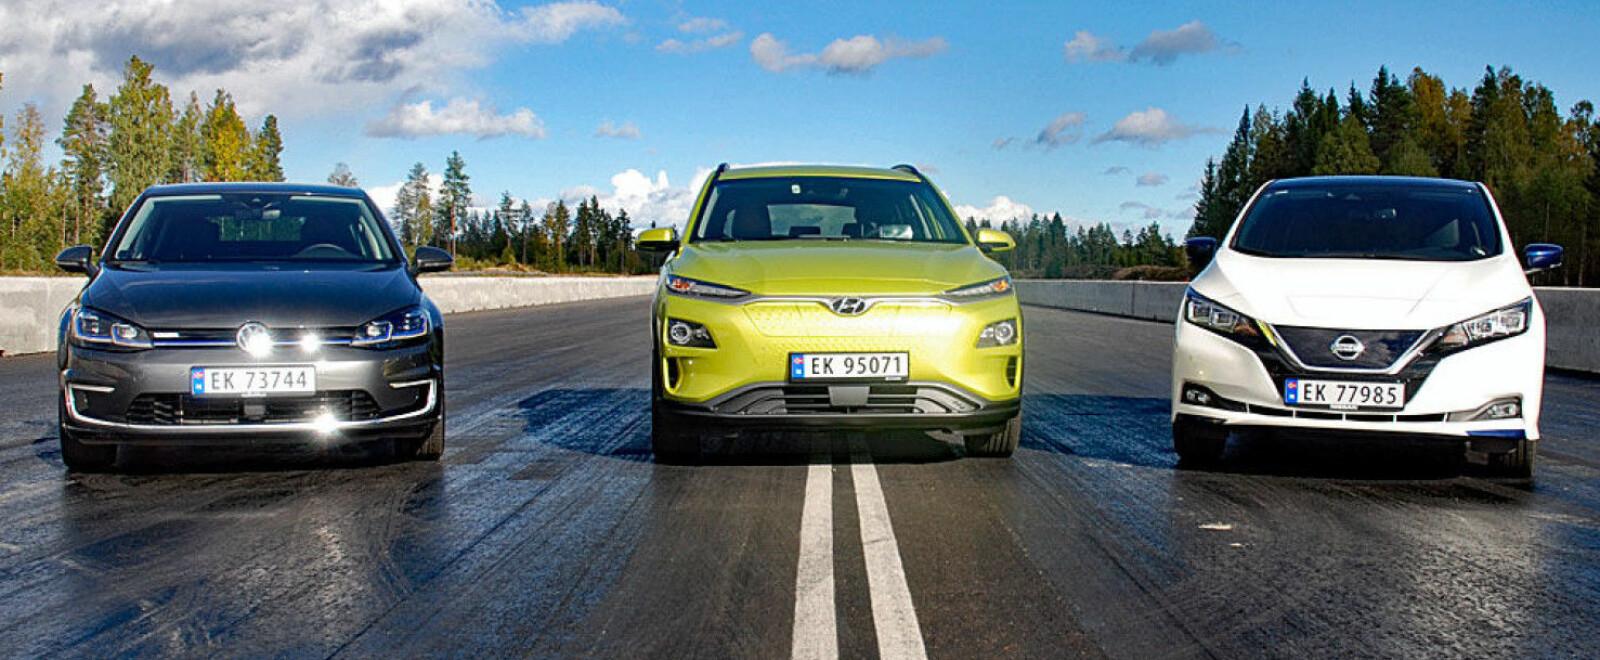 Stortinget vedtok i går at Norge skal være en del av EUs nye ordning som stiller store krav til utslipp fra bilparken. Uten dette, ville vi risikert at ingen produsenter ville prioritere å levere elbiler til Norge.